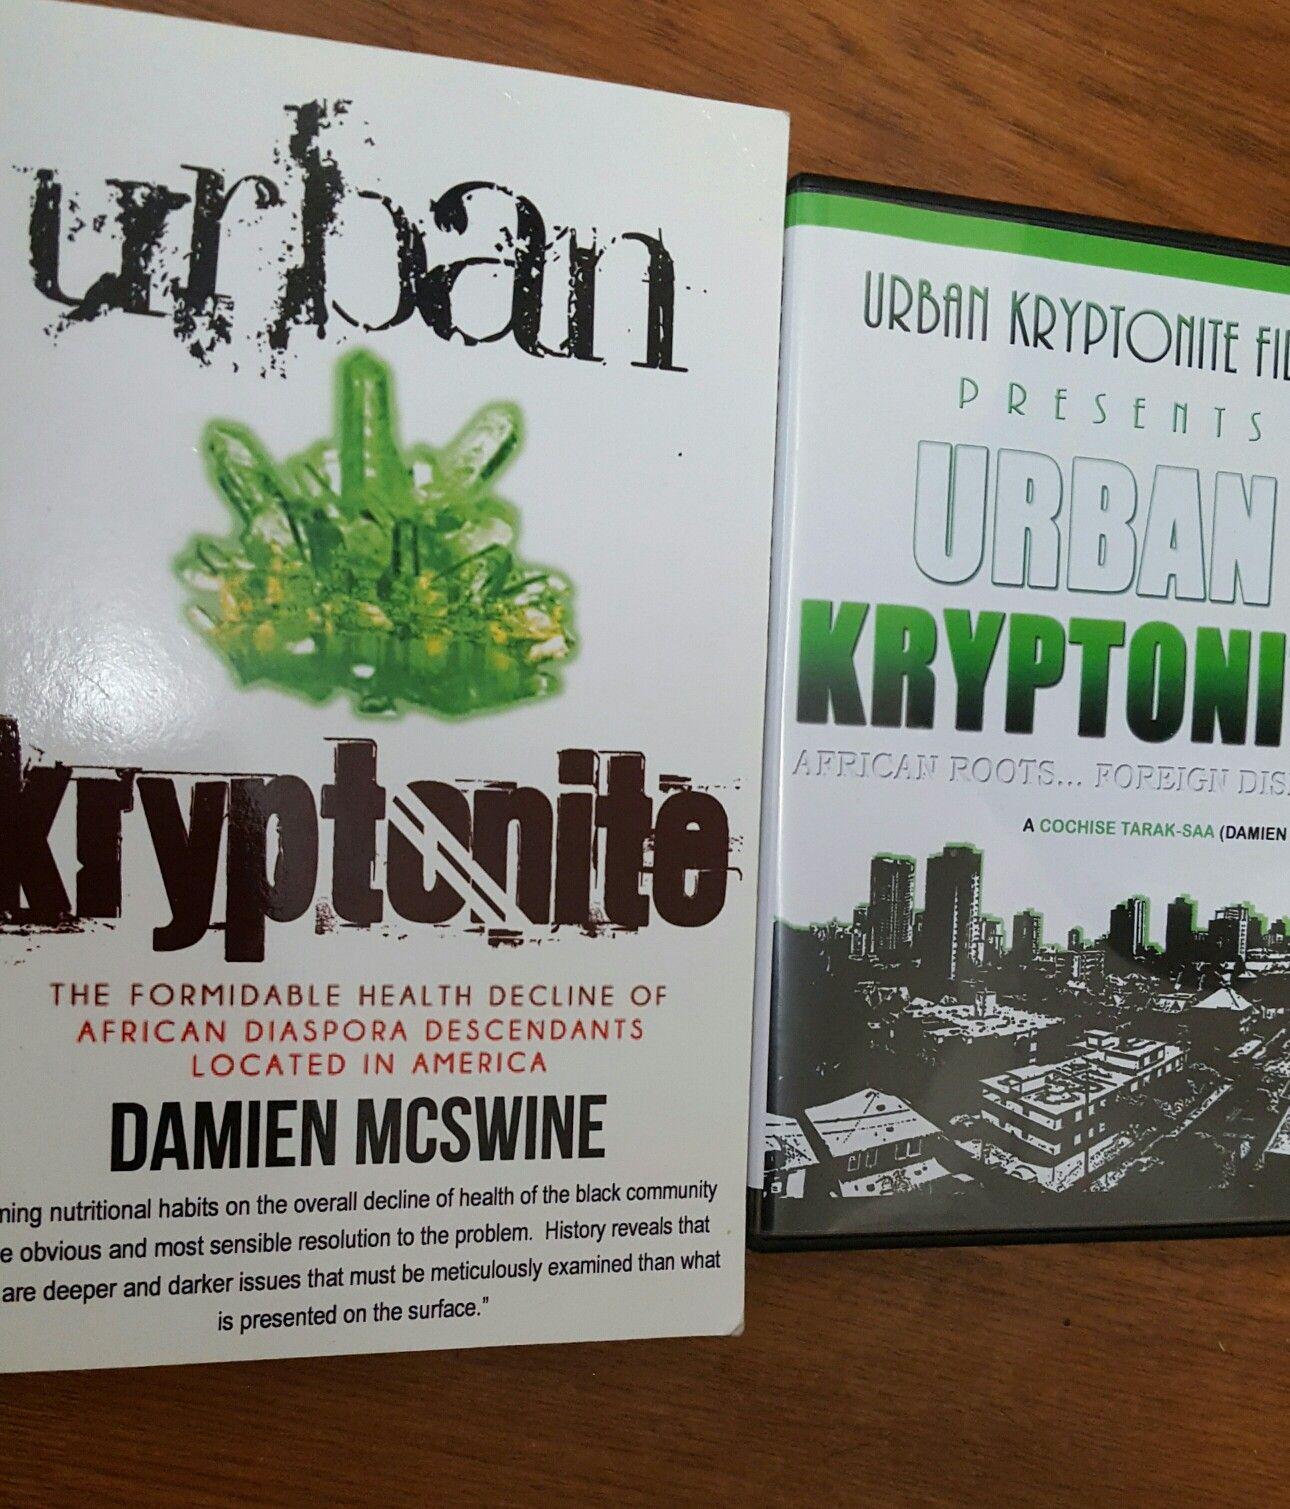 Urban kryptonite book and dvd african diaspora